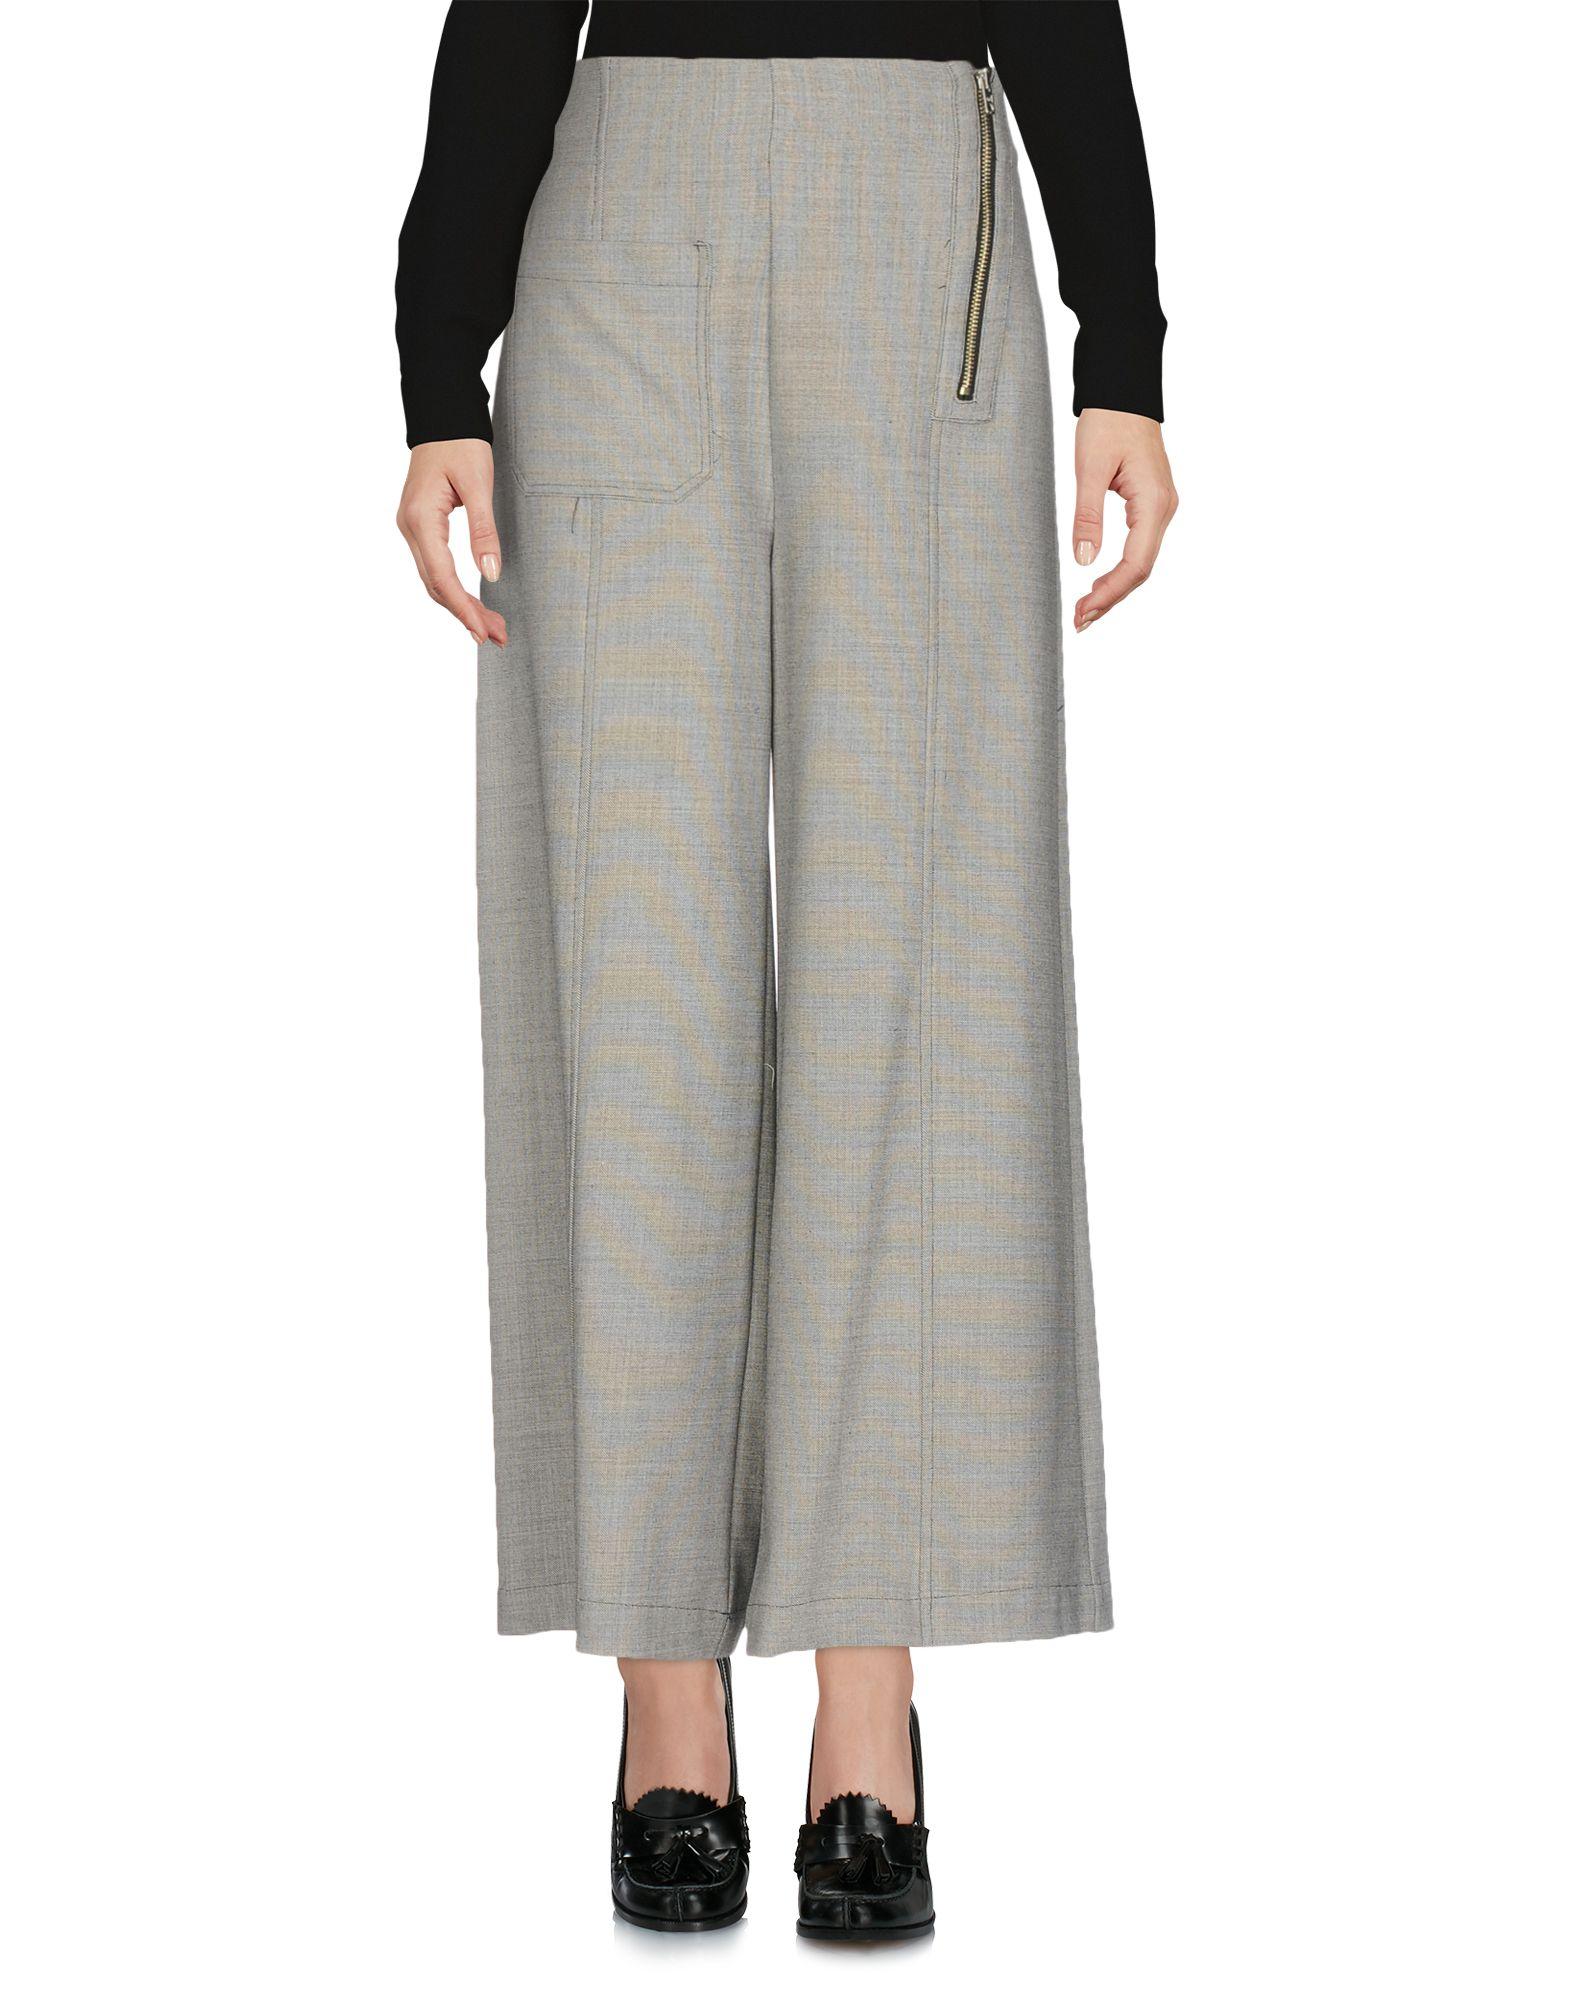 Pantalone Virna Drò® Donna - Acquista online su 05MEpT8O8I